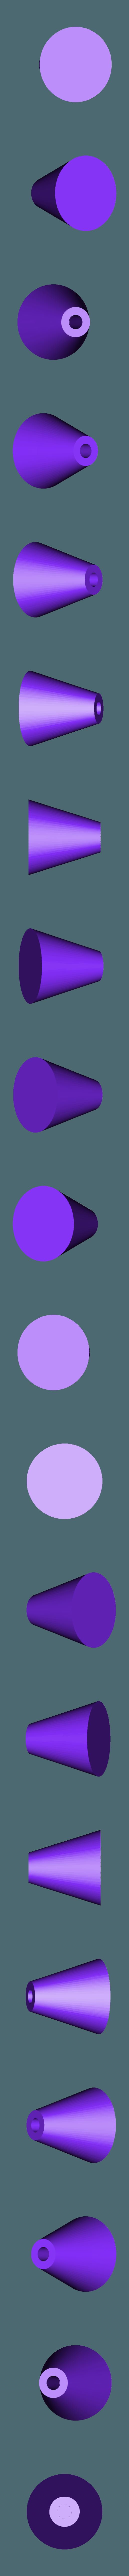 food handle.stl Télécharger fichier STL gratuit Boîte en sachet • Design imprimable en 3D, limo